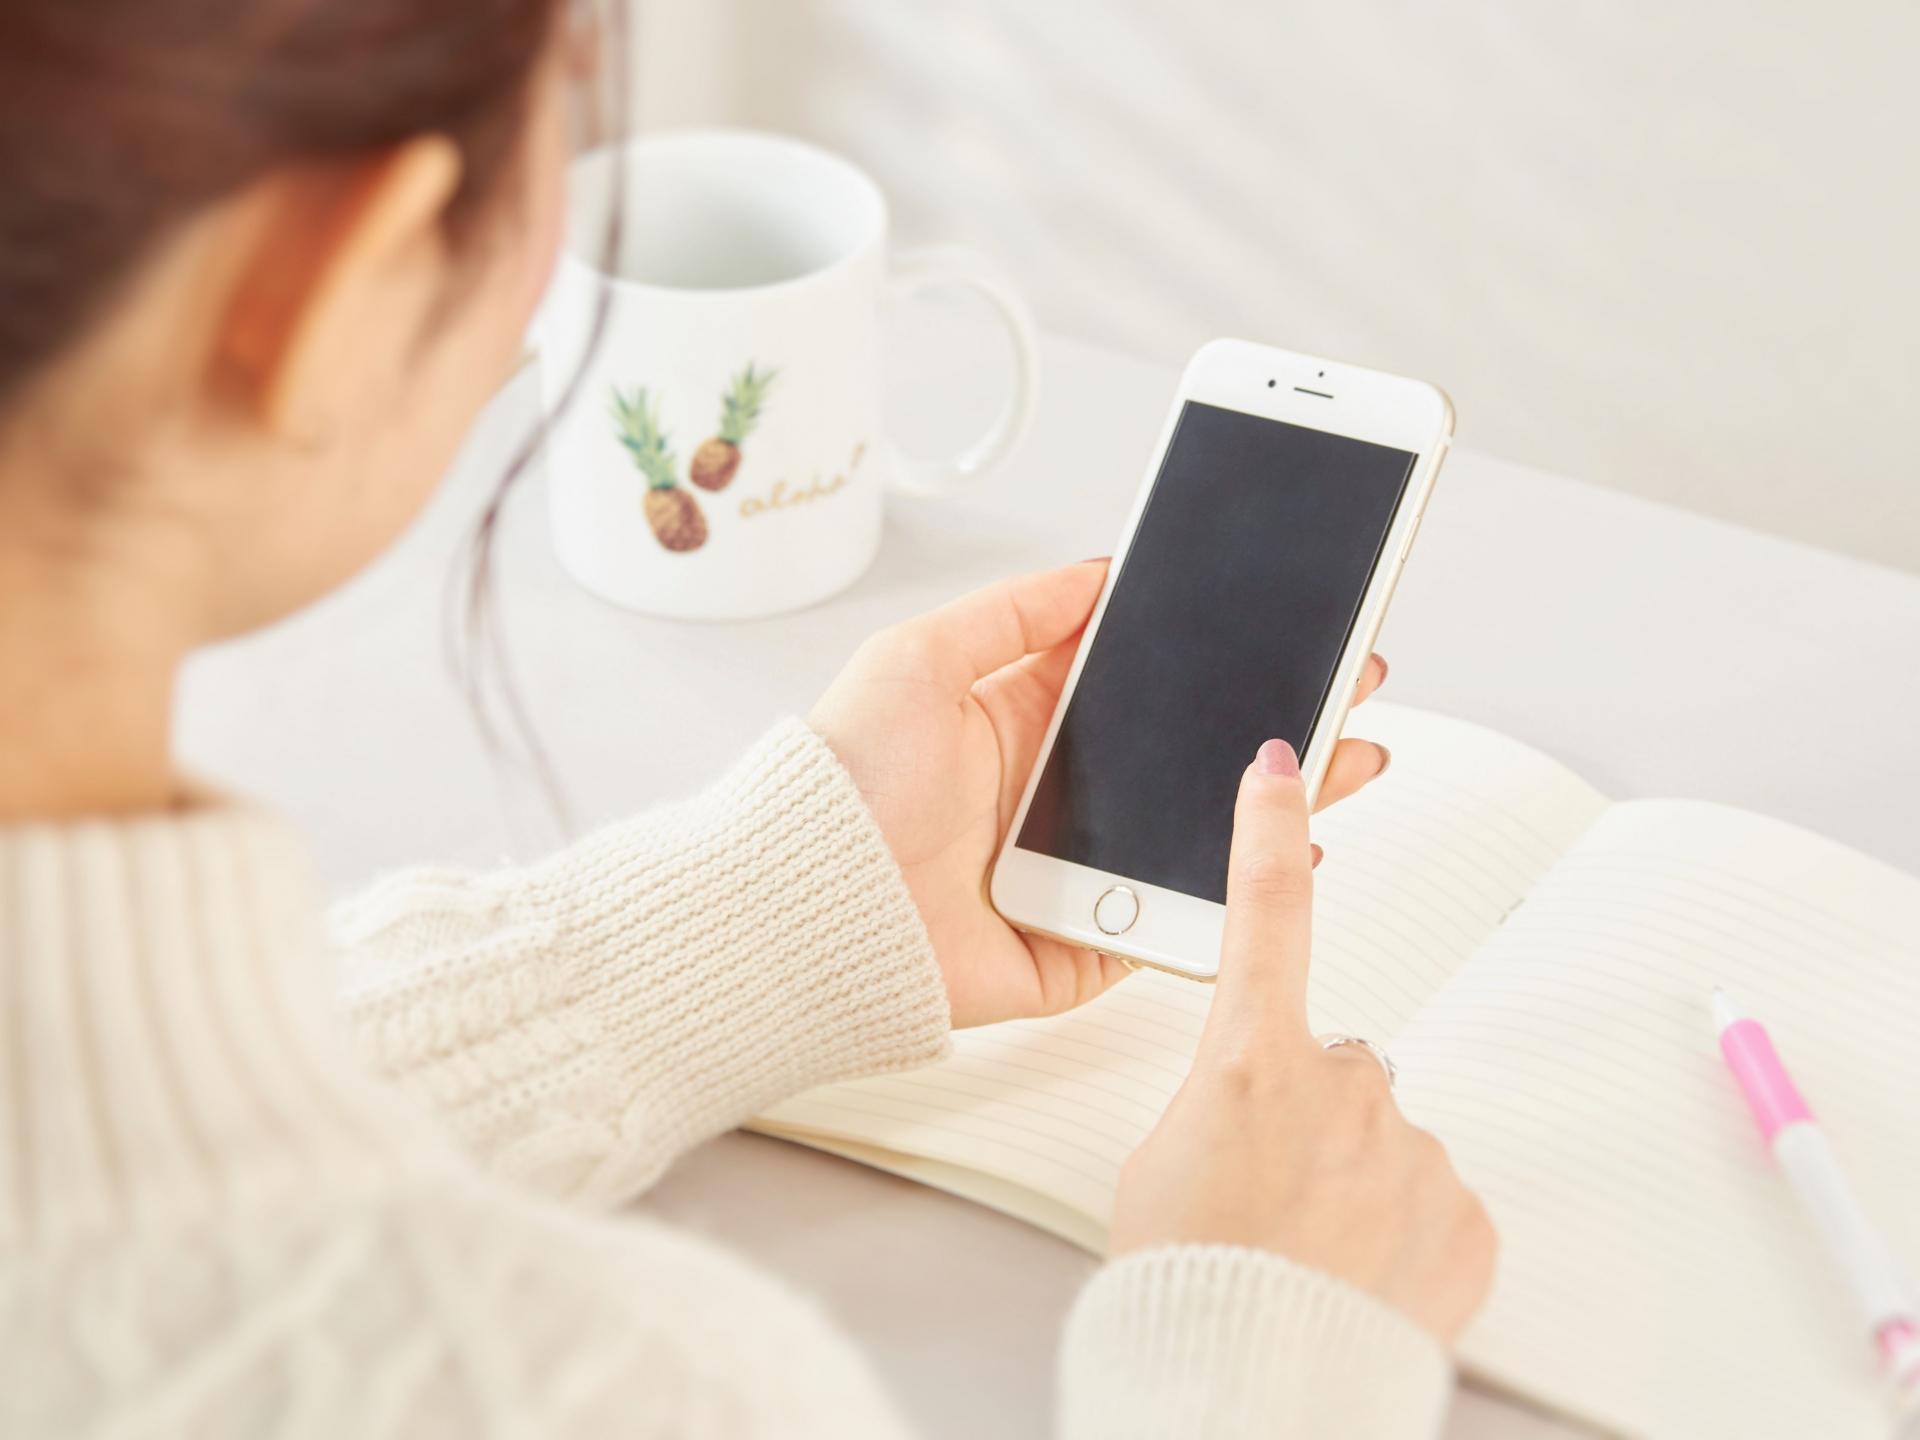 電話を操作する女性の画像